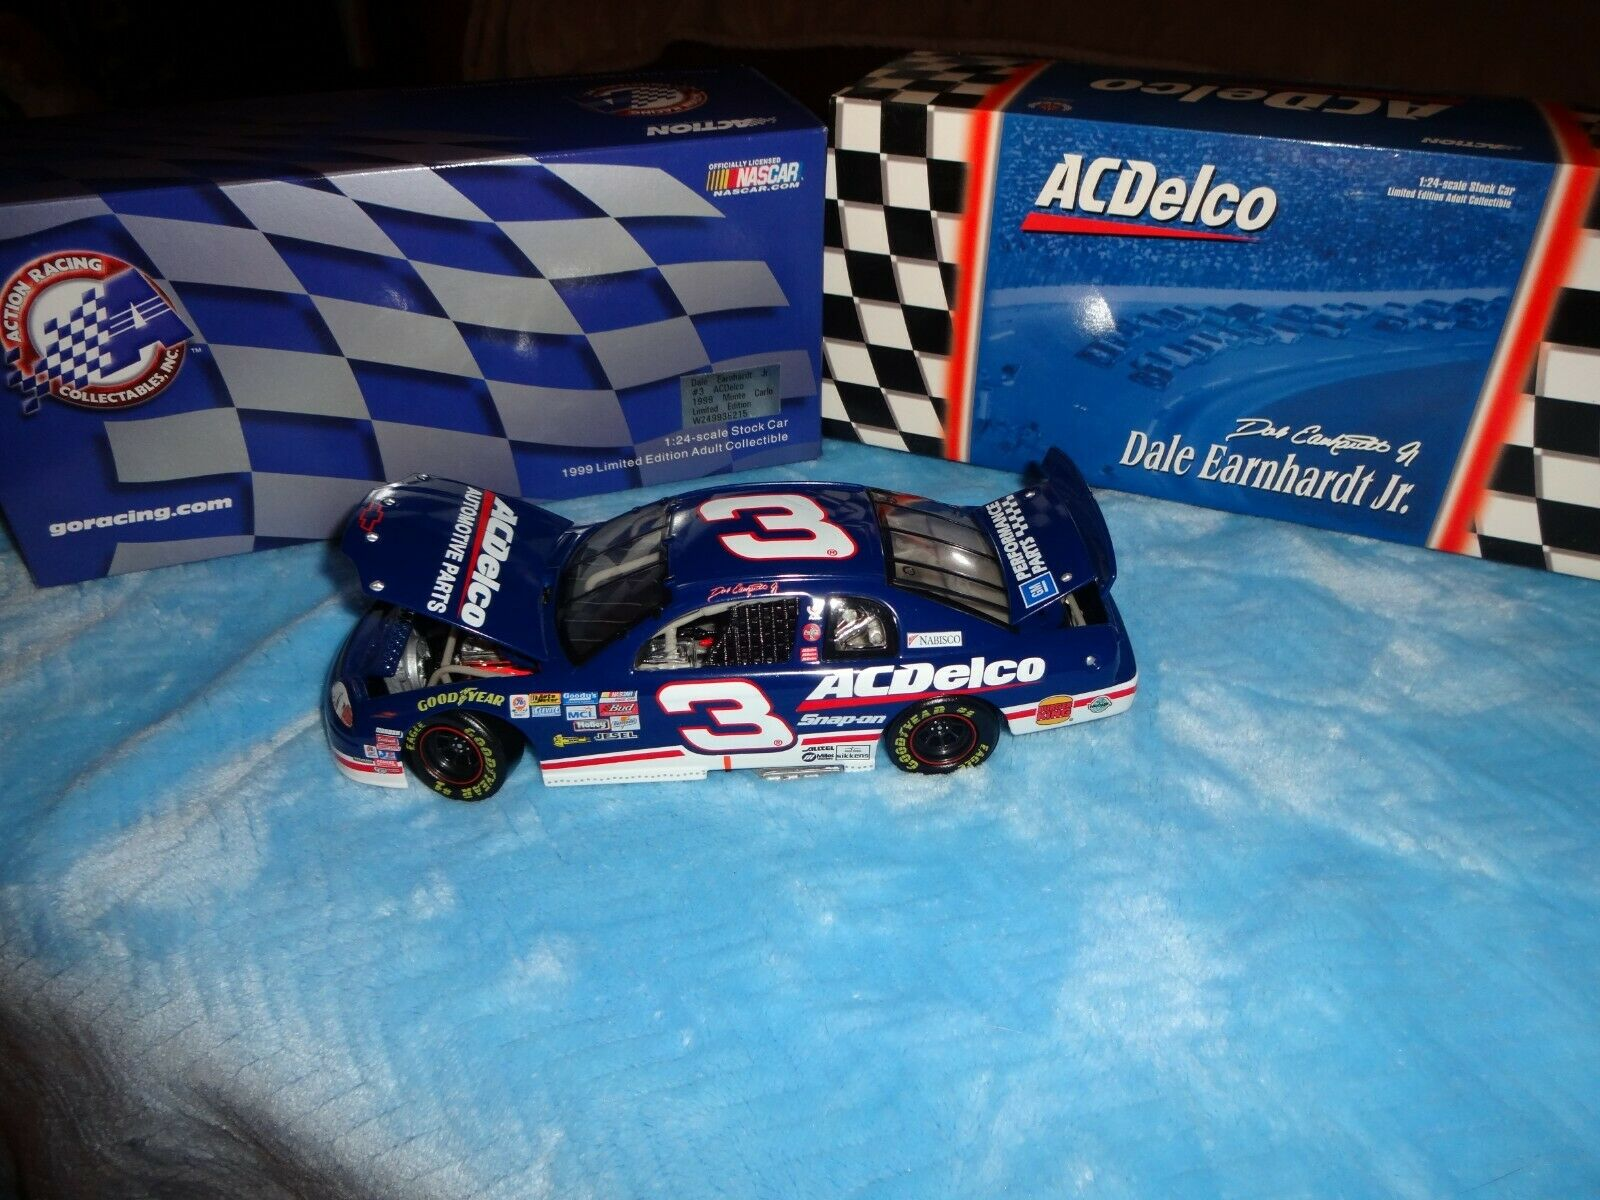 Dale Earnhardt Jr 1999  AC Delco Action Monte Carlo